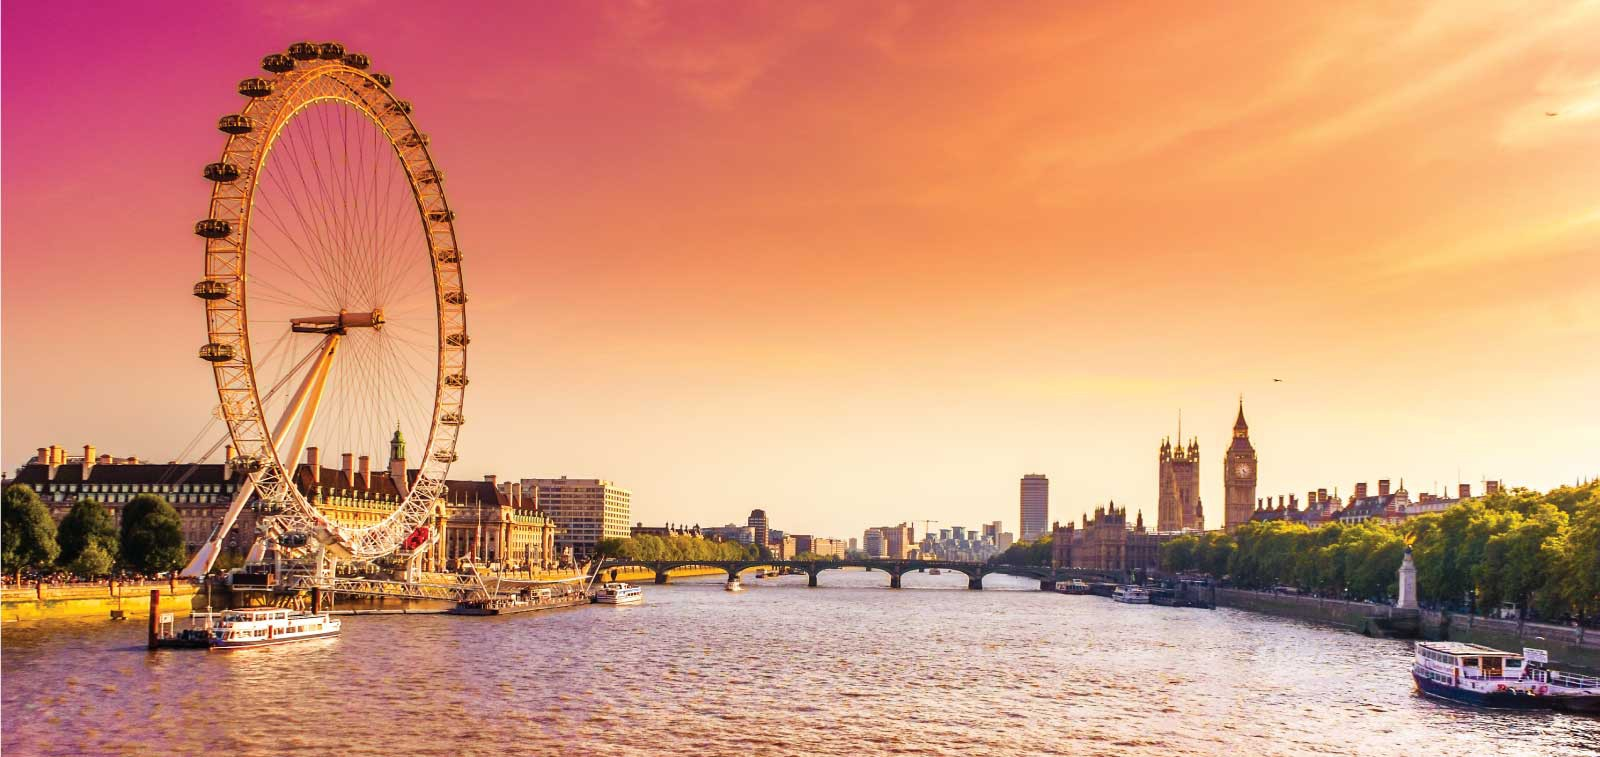 رحلات القاهرة لندن مع ترافكو هوليدايز